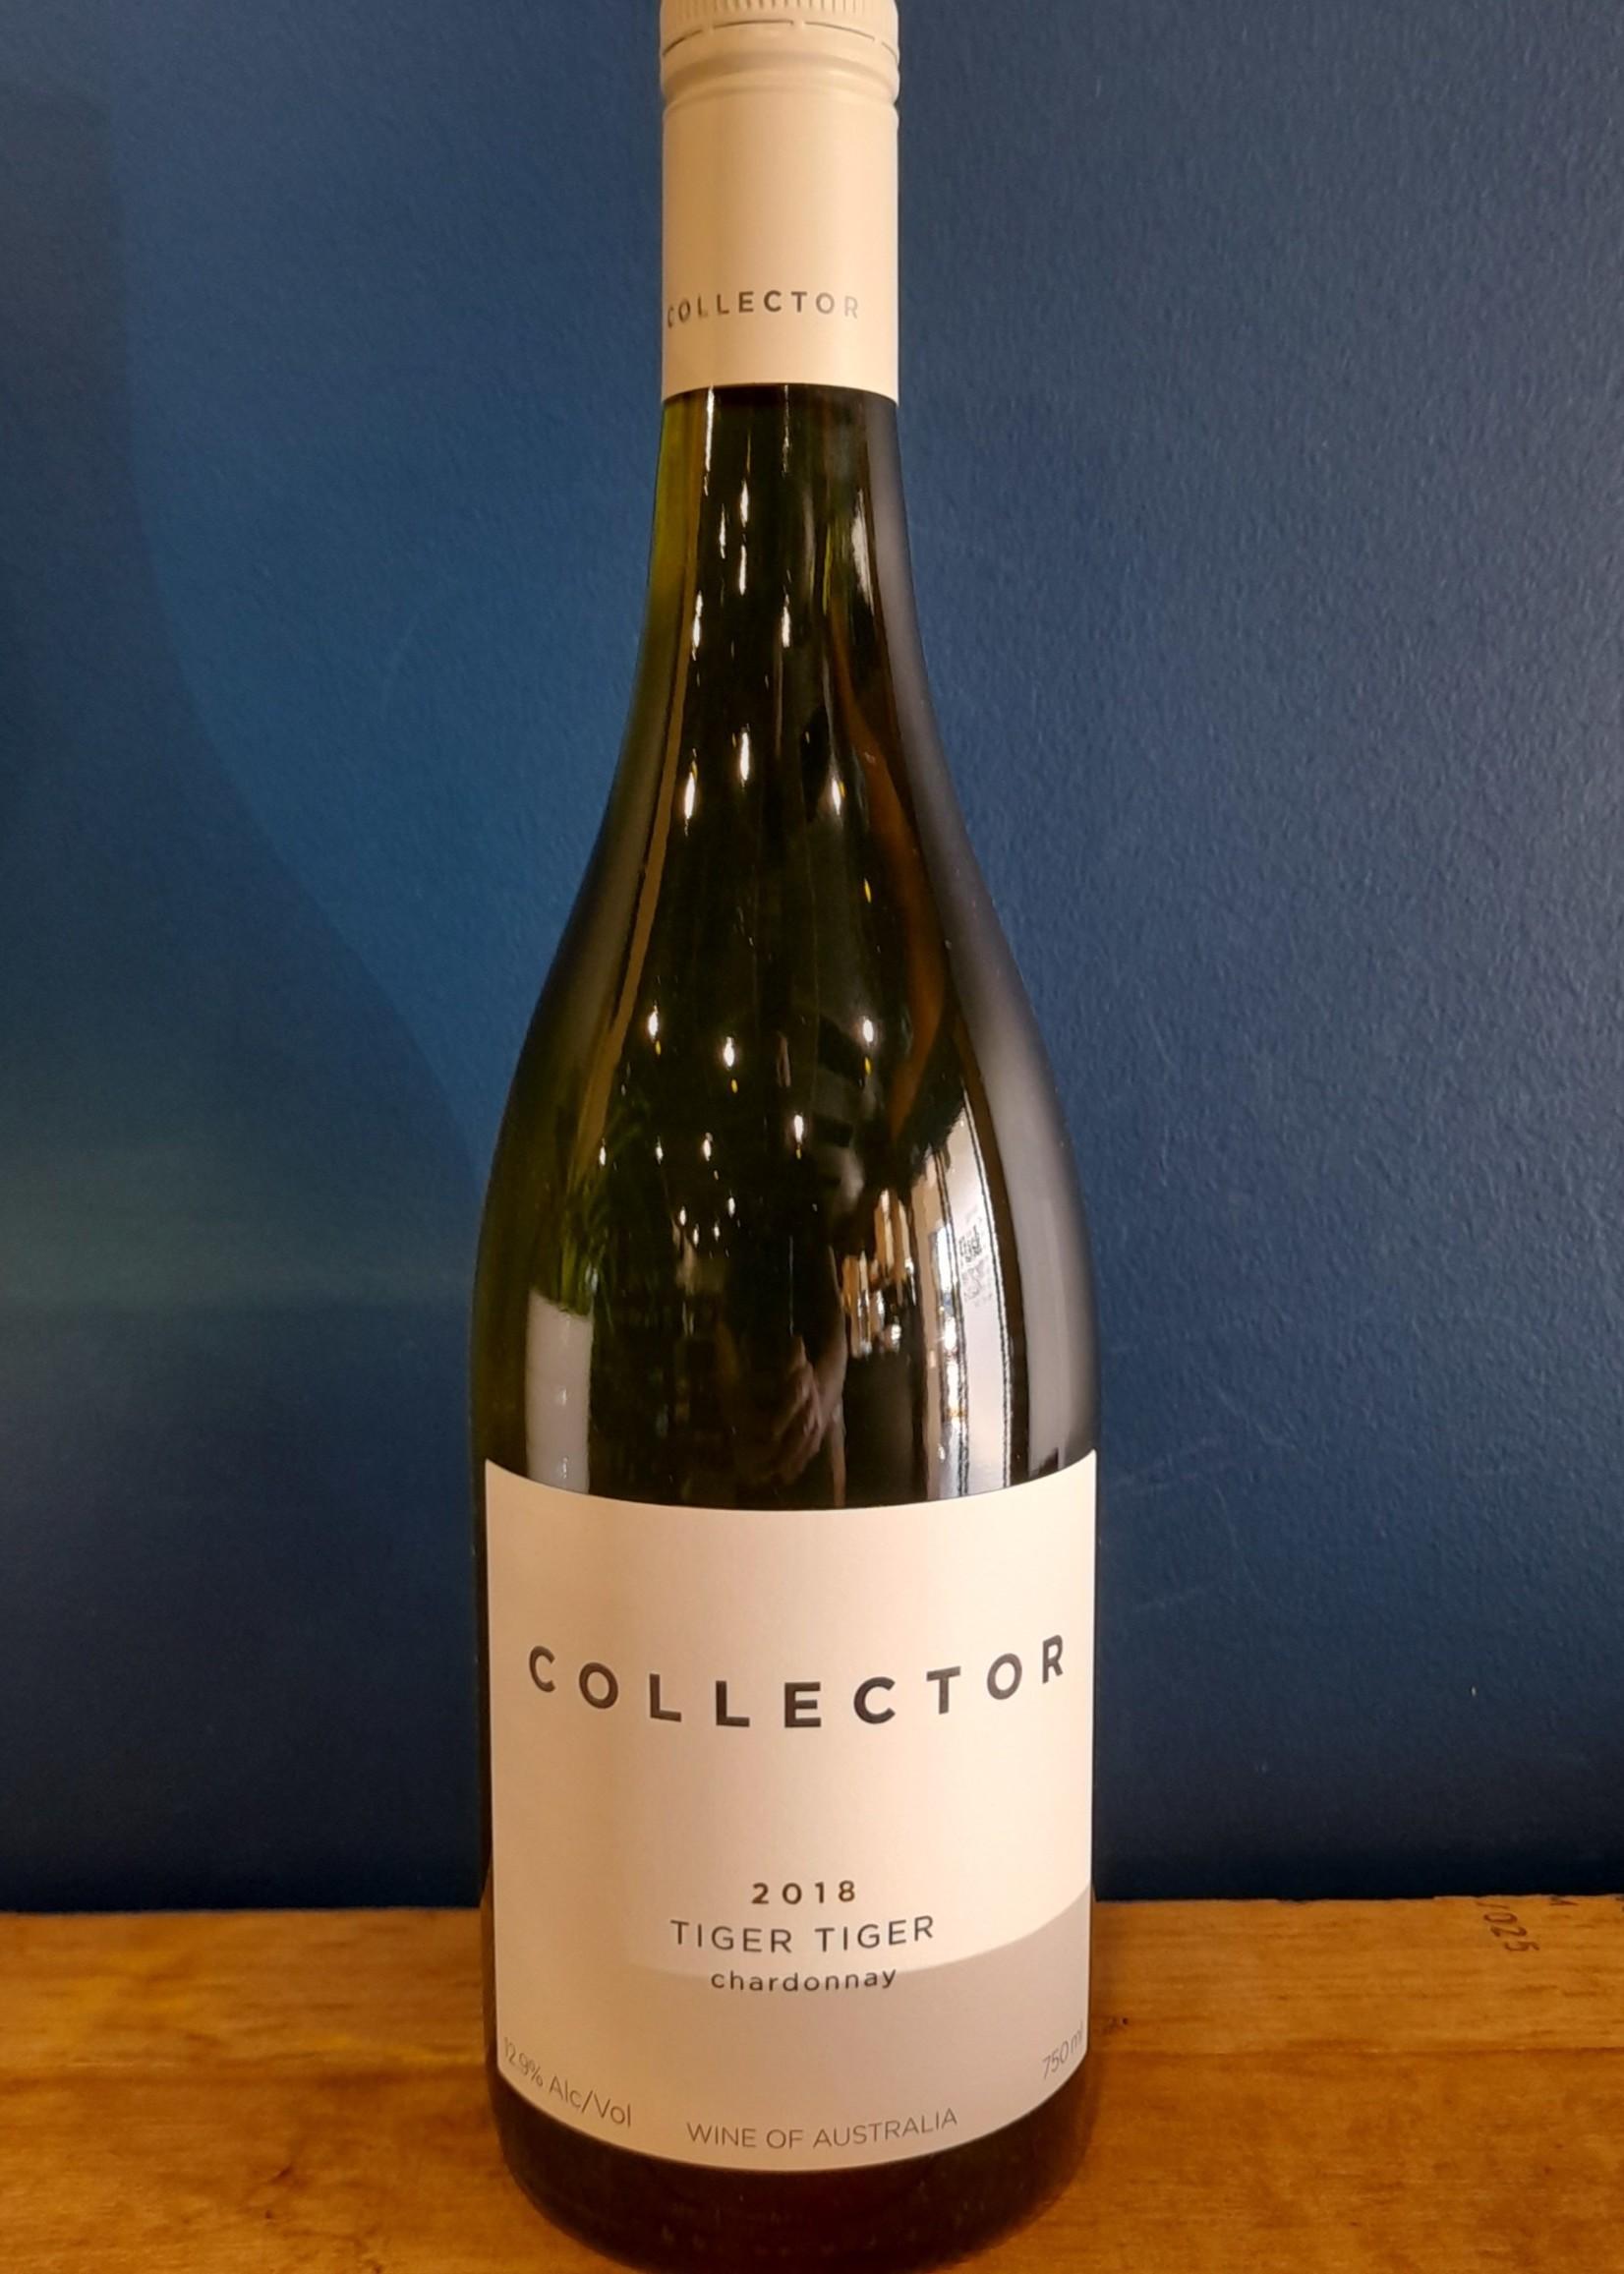 Collector Collector Tiger Tiger Chardonnay 2018